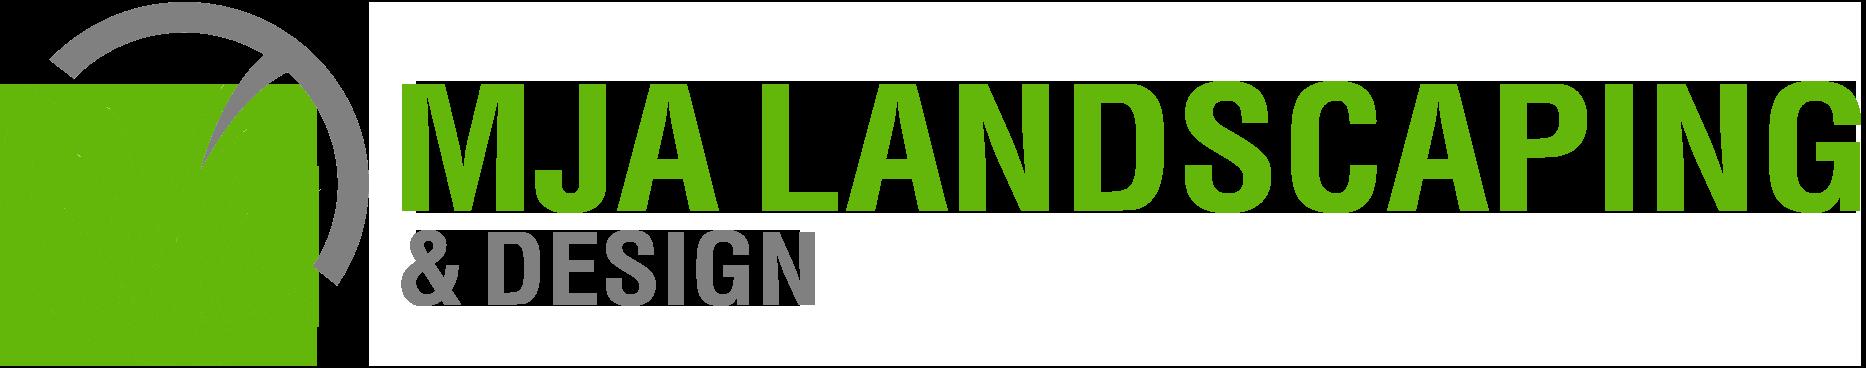 MJA Landscaping & Design